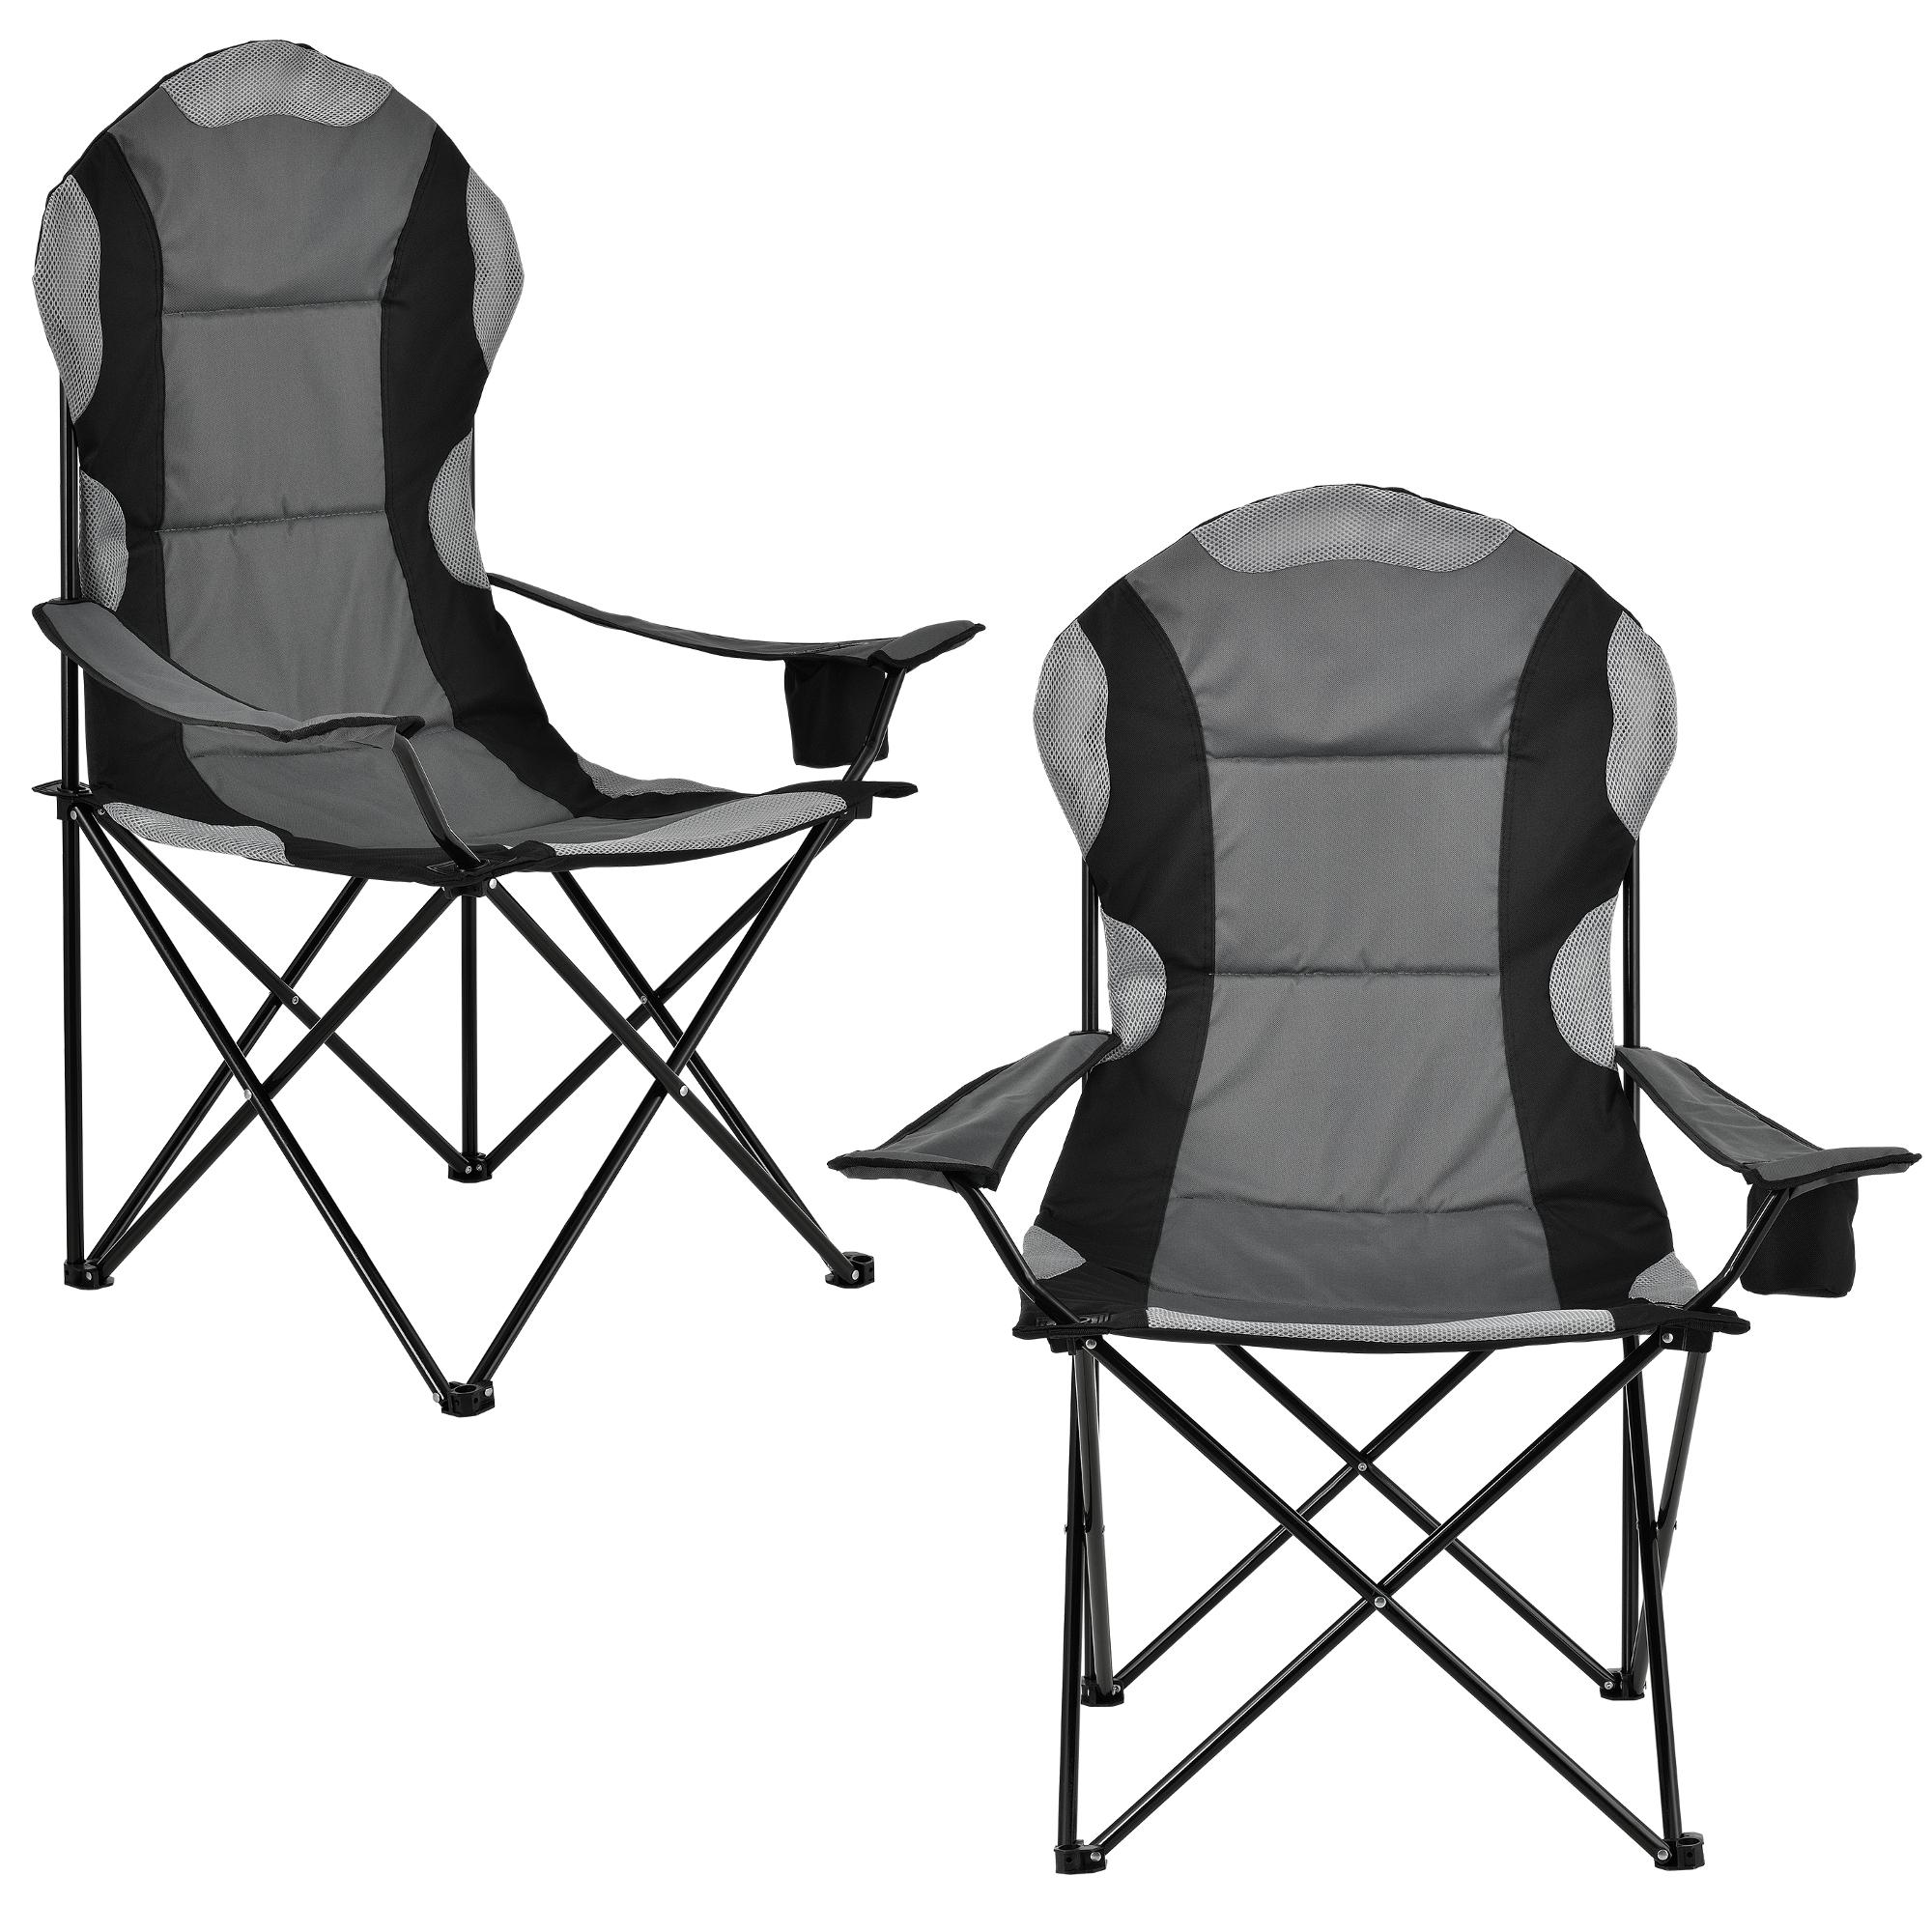 2x campingstuhl faltstuhl klappstuhl regiestuhl anglerstuhl faltbar ebay. Black Bedroom Furniture Sets. Home Design Ideas